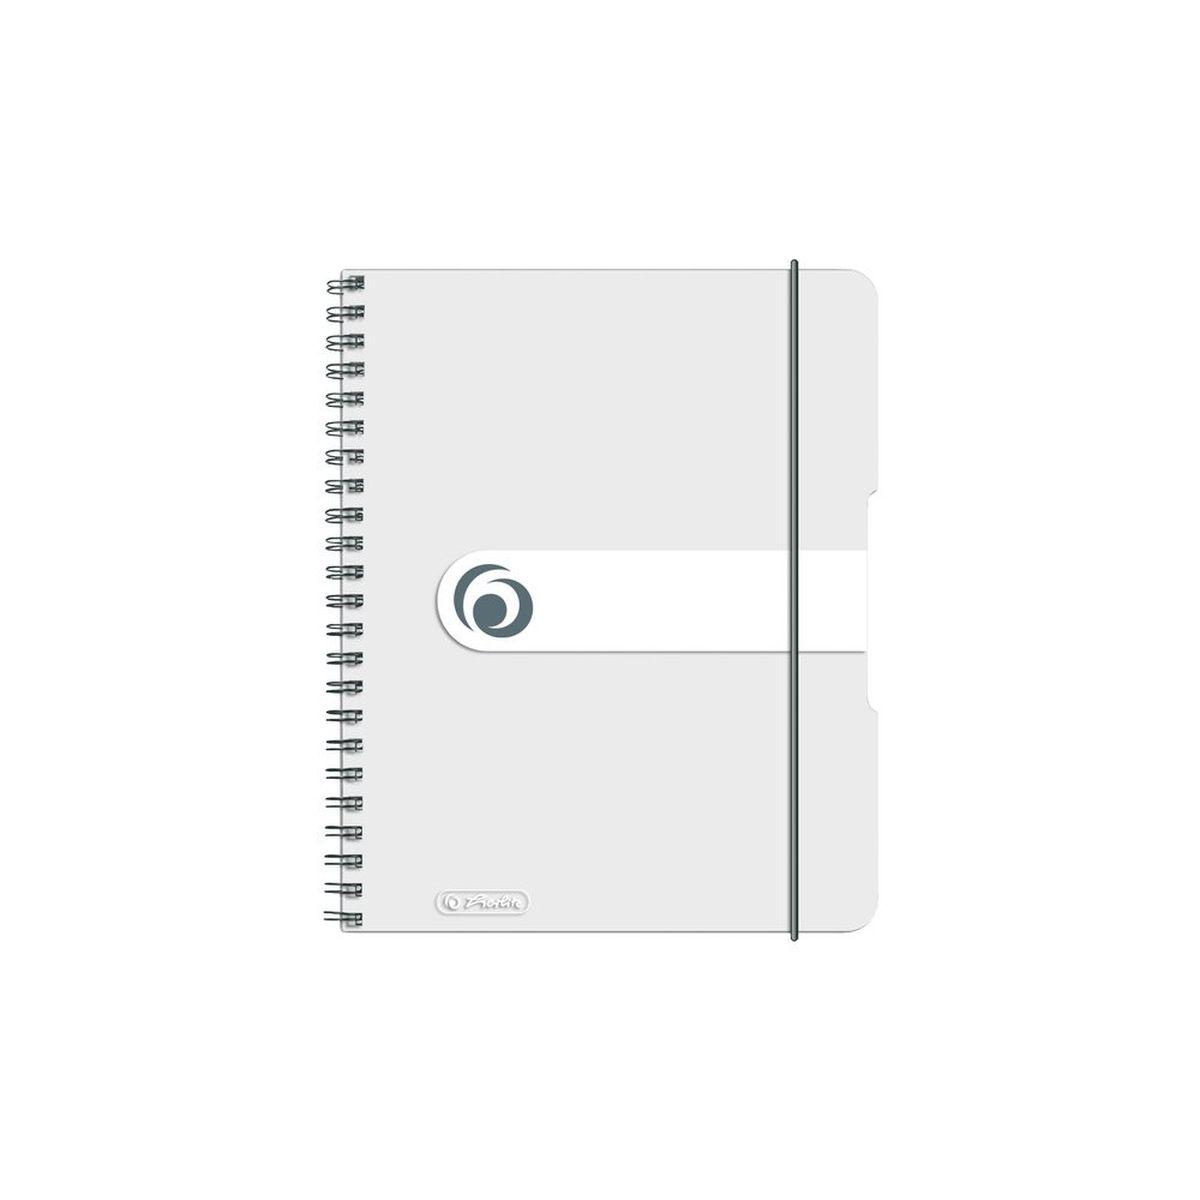 Herlitz Блокнот Easy Orga To Go 100 листов в клетку формат А6 цвет прозрачный11294444Удобный блокнот Herlitz Easy Orga To Go - незаменимый атрибут современного человека, предназначенный для важных записей. Блокнот содержит 100 листов формата А6 в клетку без полей. Обложка выполнена из качественного полипропилена. Спираль изготовлена из металла, что гарантирует полное отсутствие потери листов. Блокнот имеет закругленные углы. Блокнот для записей Herlitz Easy Orga To Go станет достойным аксессуаром среди ваших канцелярских принадлежностей. Это отличный подарок как коллеге или деловому партнеру, так и близким людям.